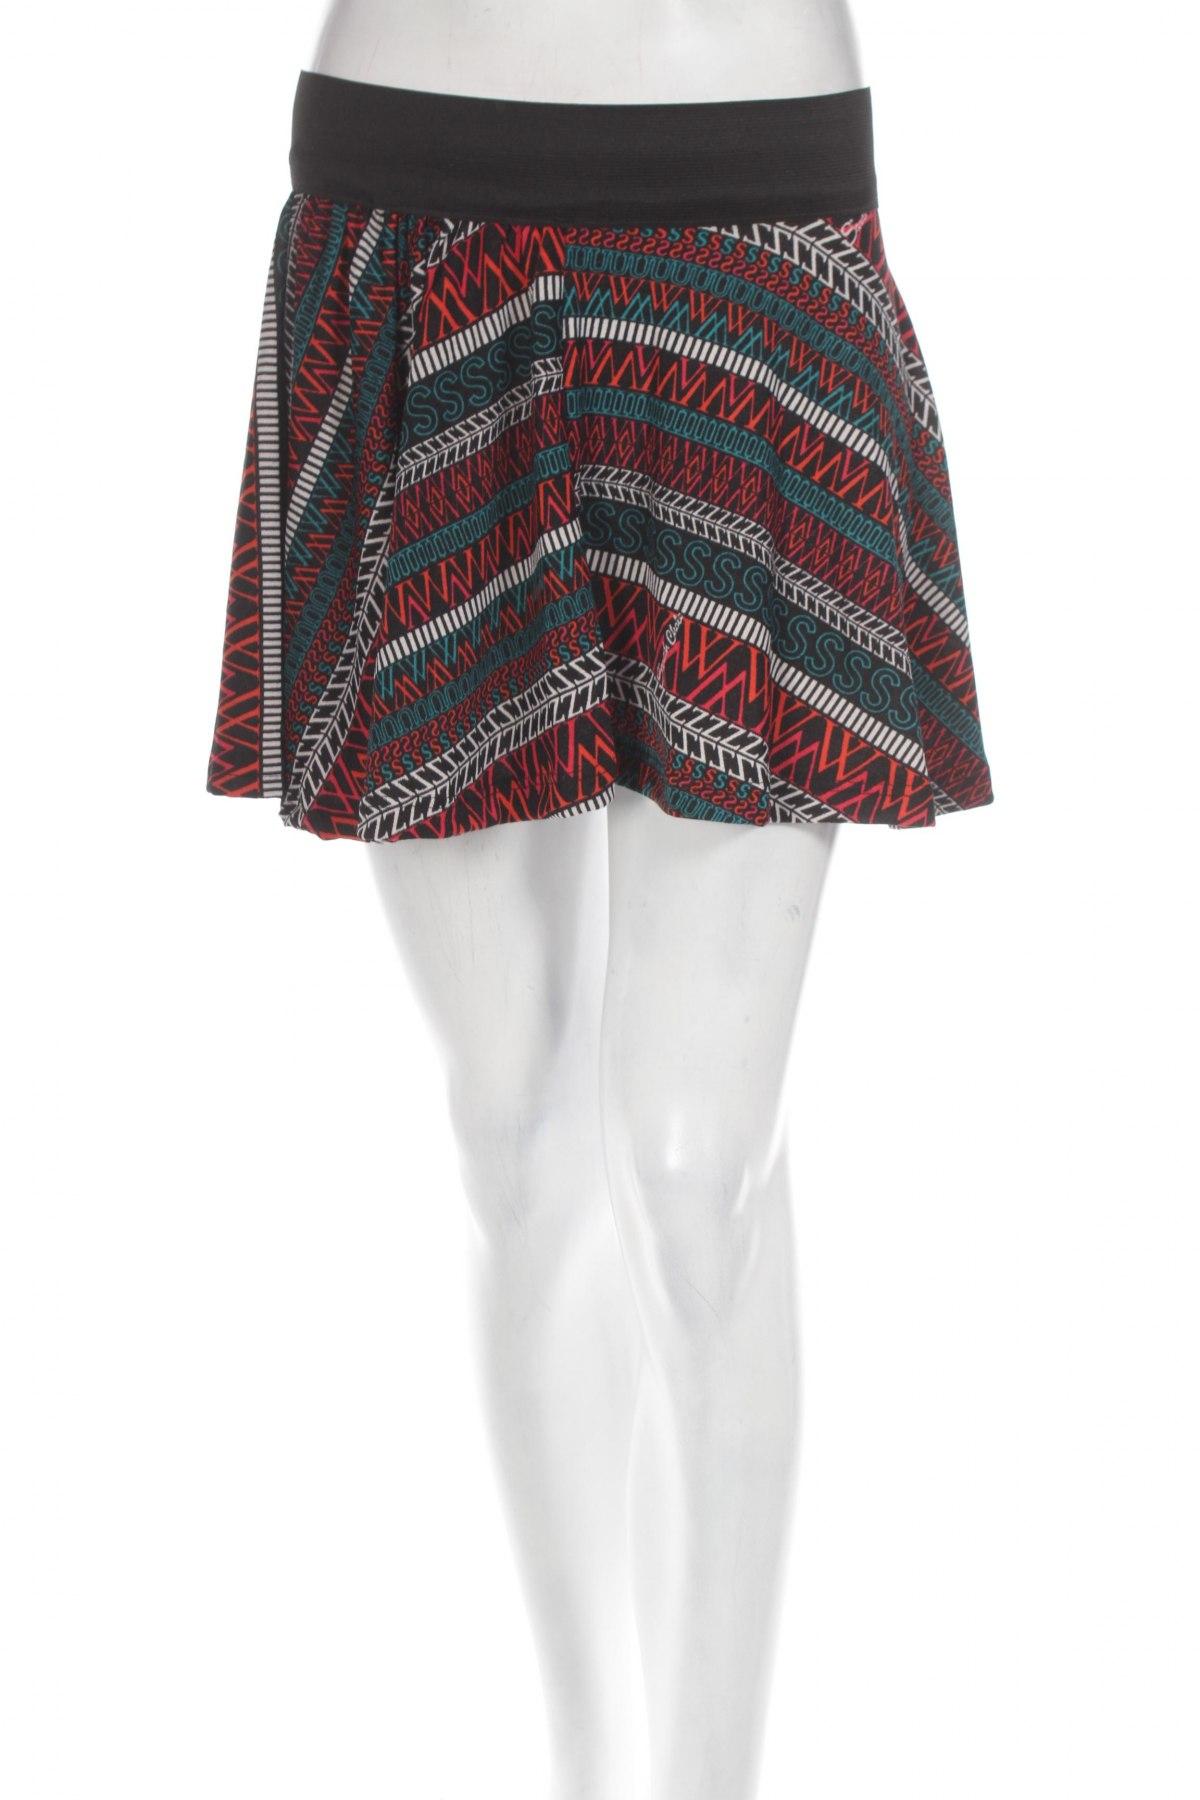 Φούστα Sarah Chole, Μέγεθος S, Χρώμα Πολύχρωμο, 92% πολυεστέρας, 8% ελαστάνη, Τιμή 3,40€